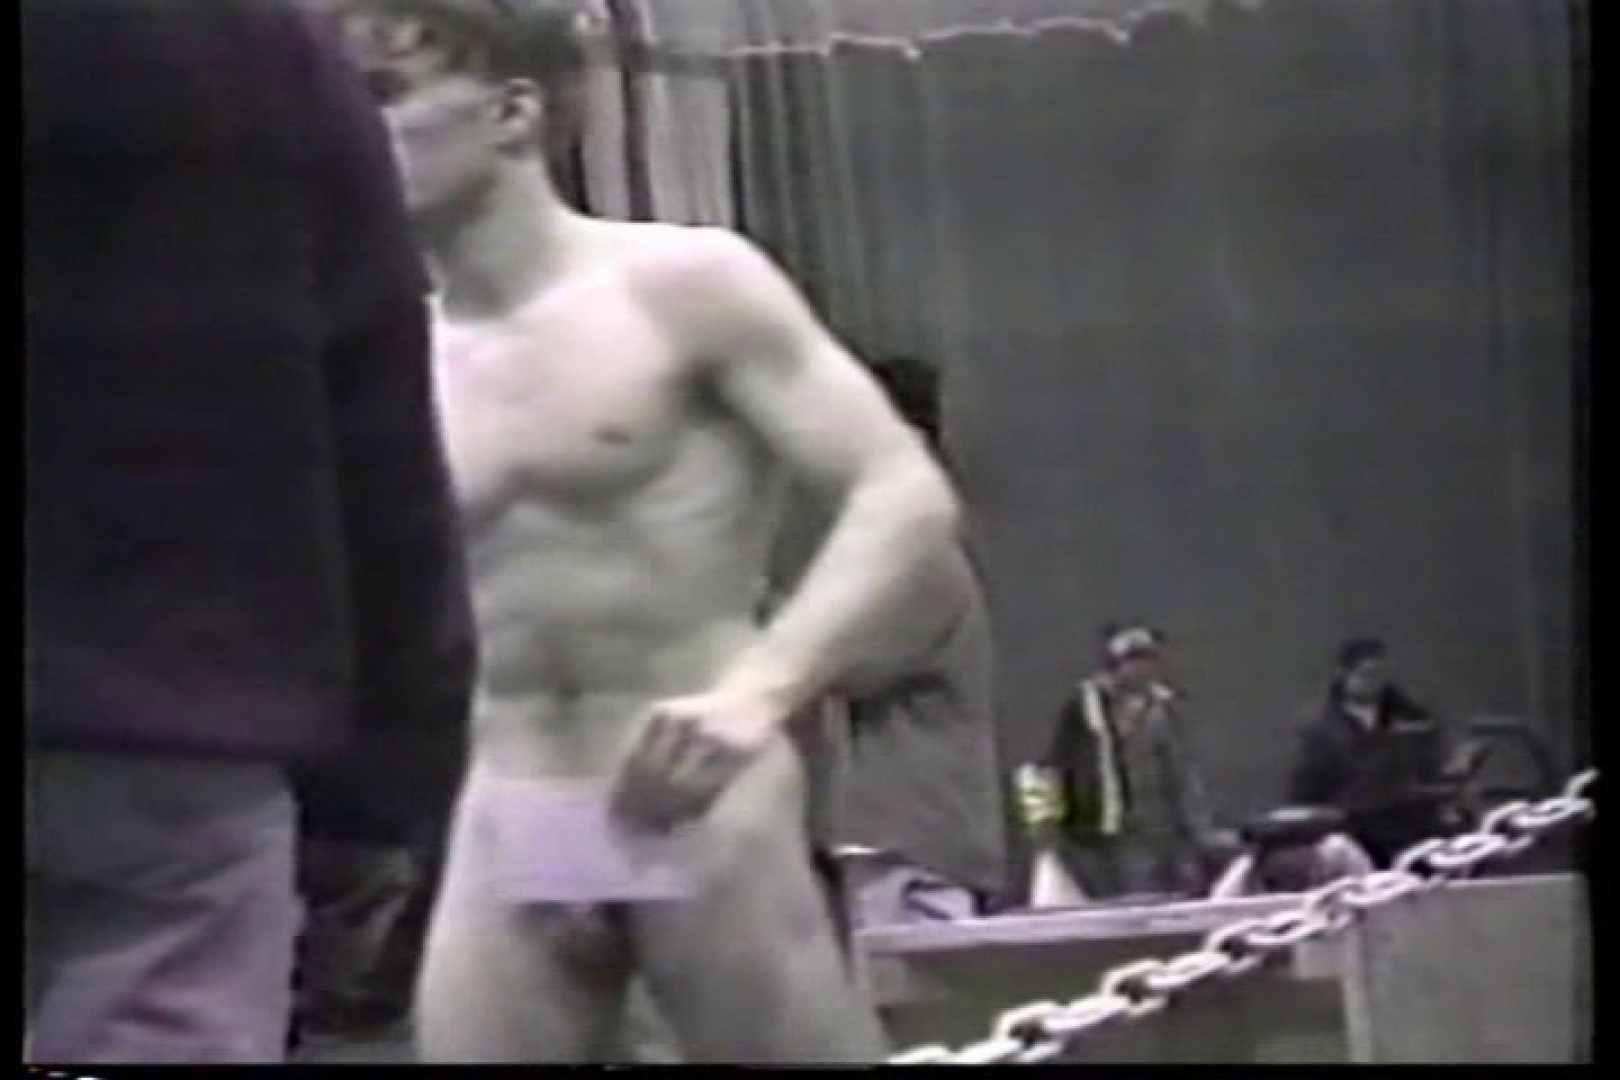 洋人さんの脱衣所を覗いてみました。VOL.5 ボーイズ覗き | ガチムチマッチョ系  80pic 52